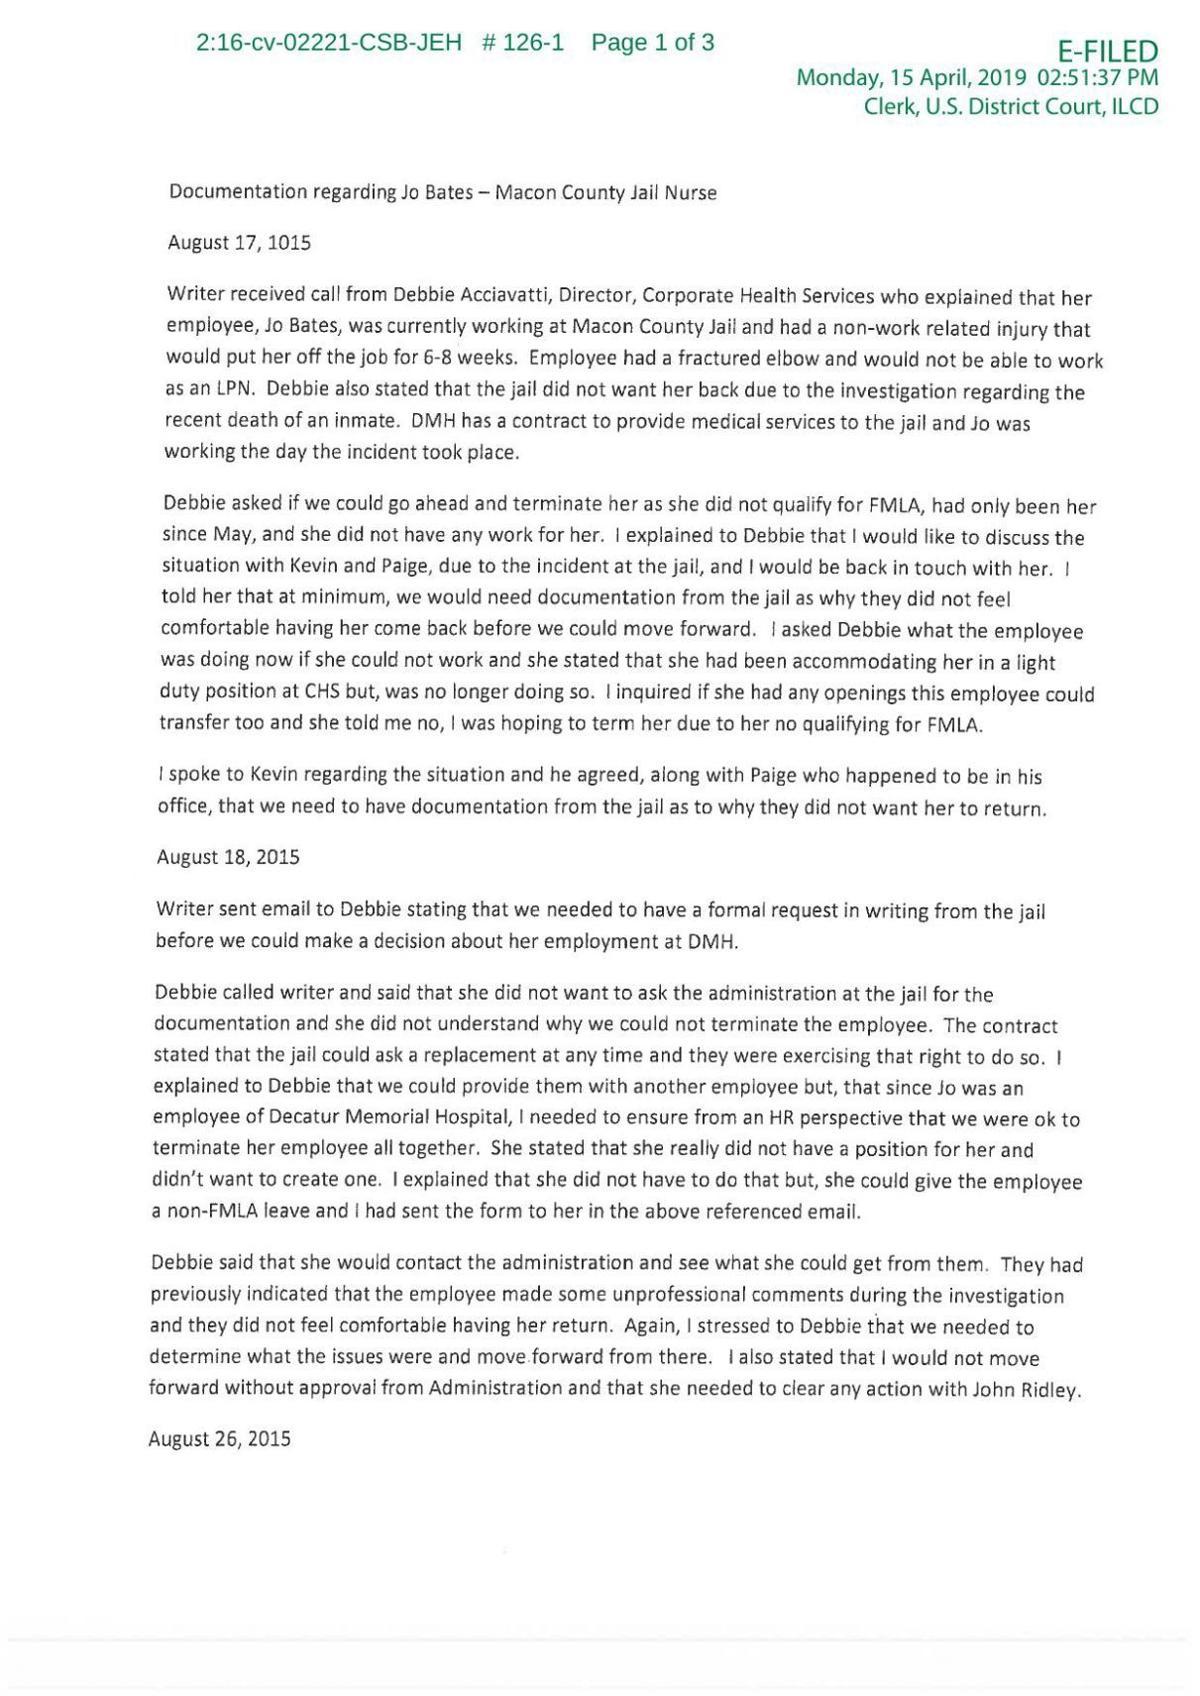 Jo Bates Personnel File Excerpt - 4/15/2019